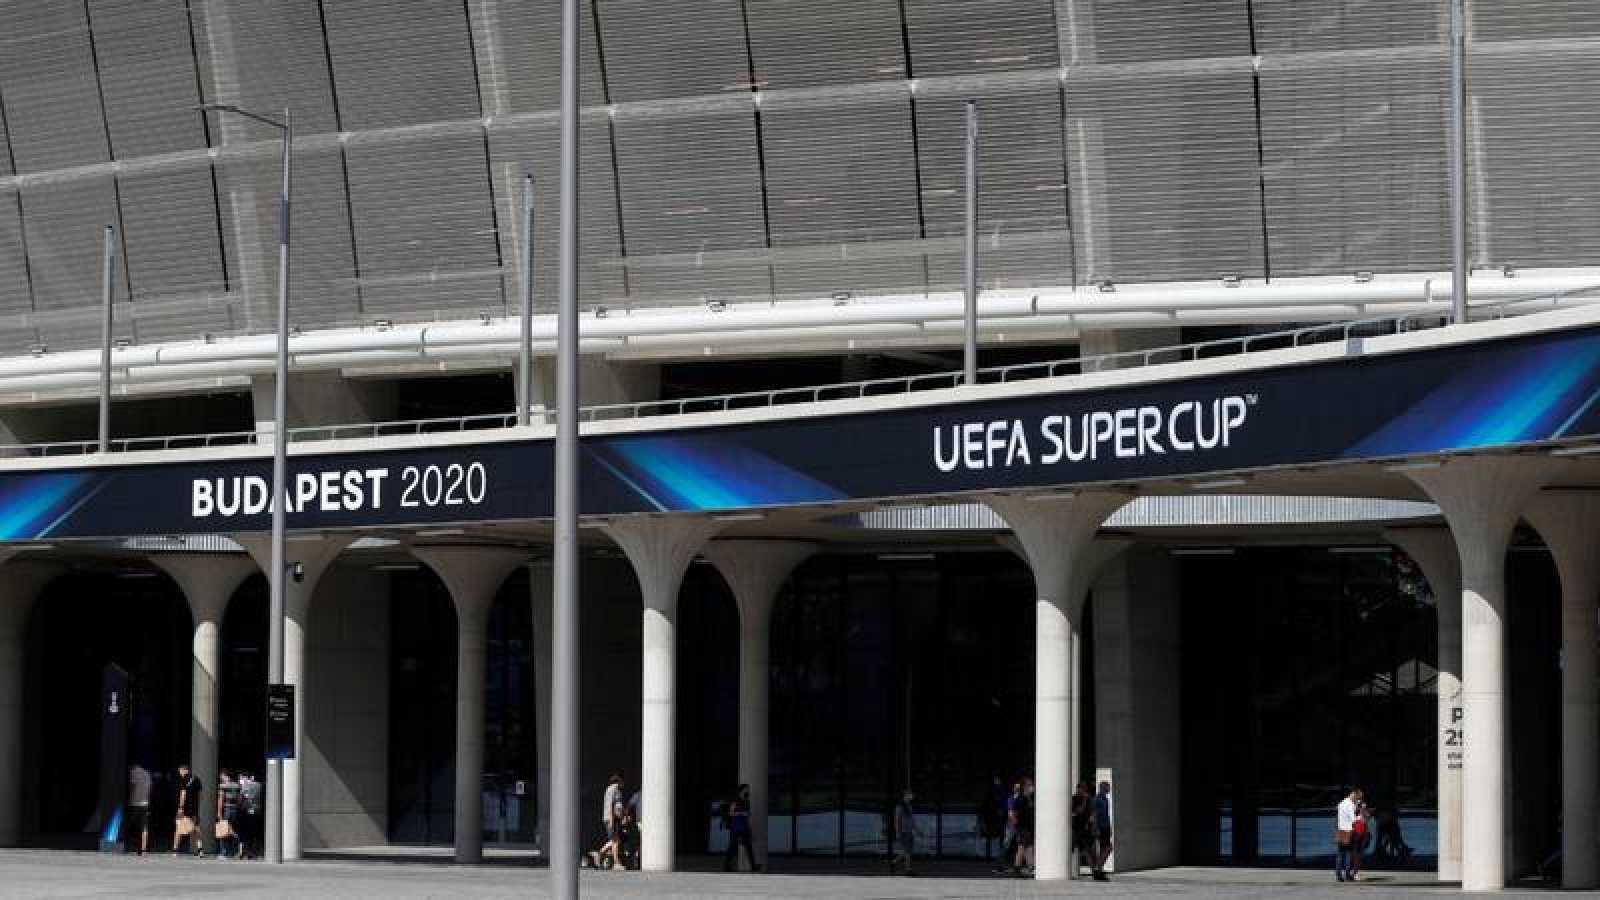 Imagen del Puskas Arenas de Budapest, sede de la Supercopa de Europa entre Bayern y Sevilla.